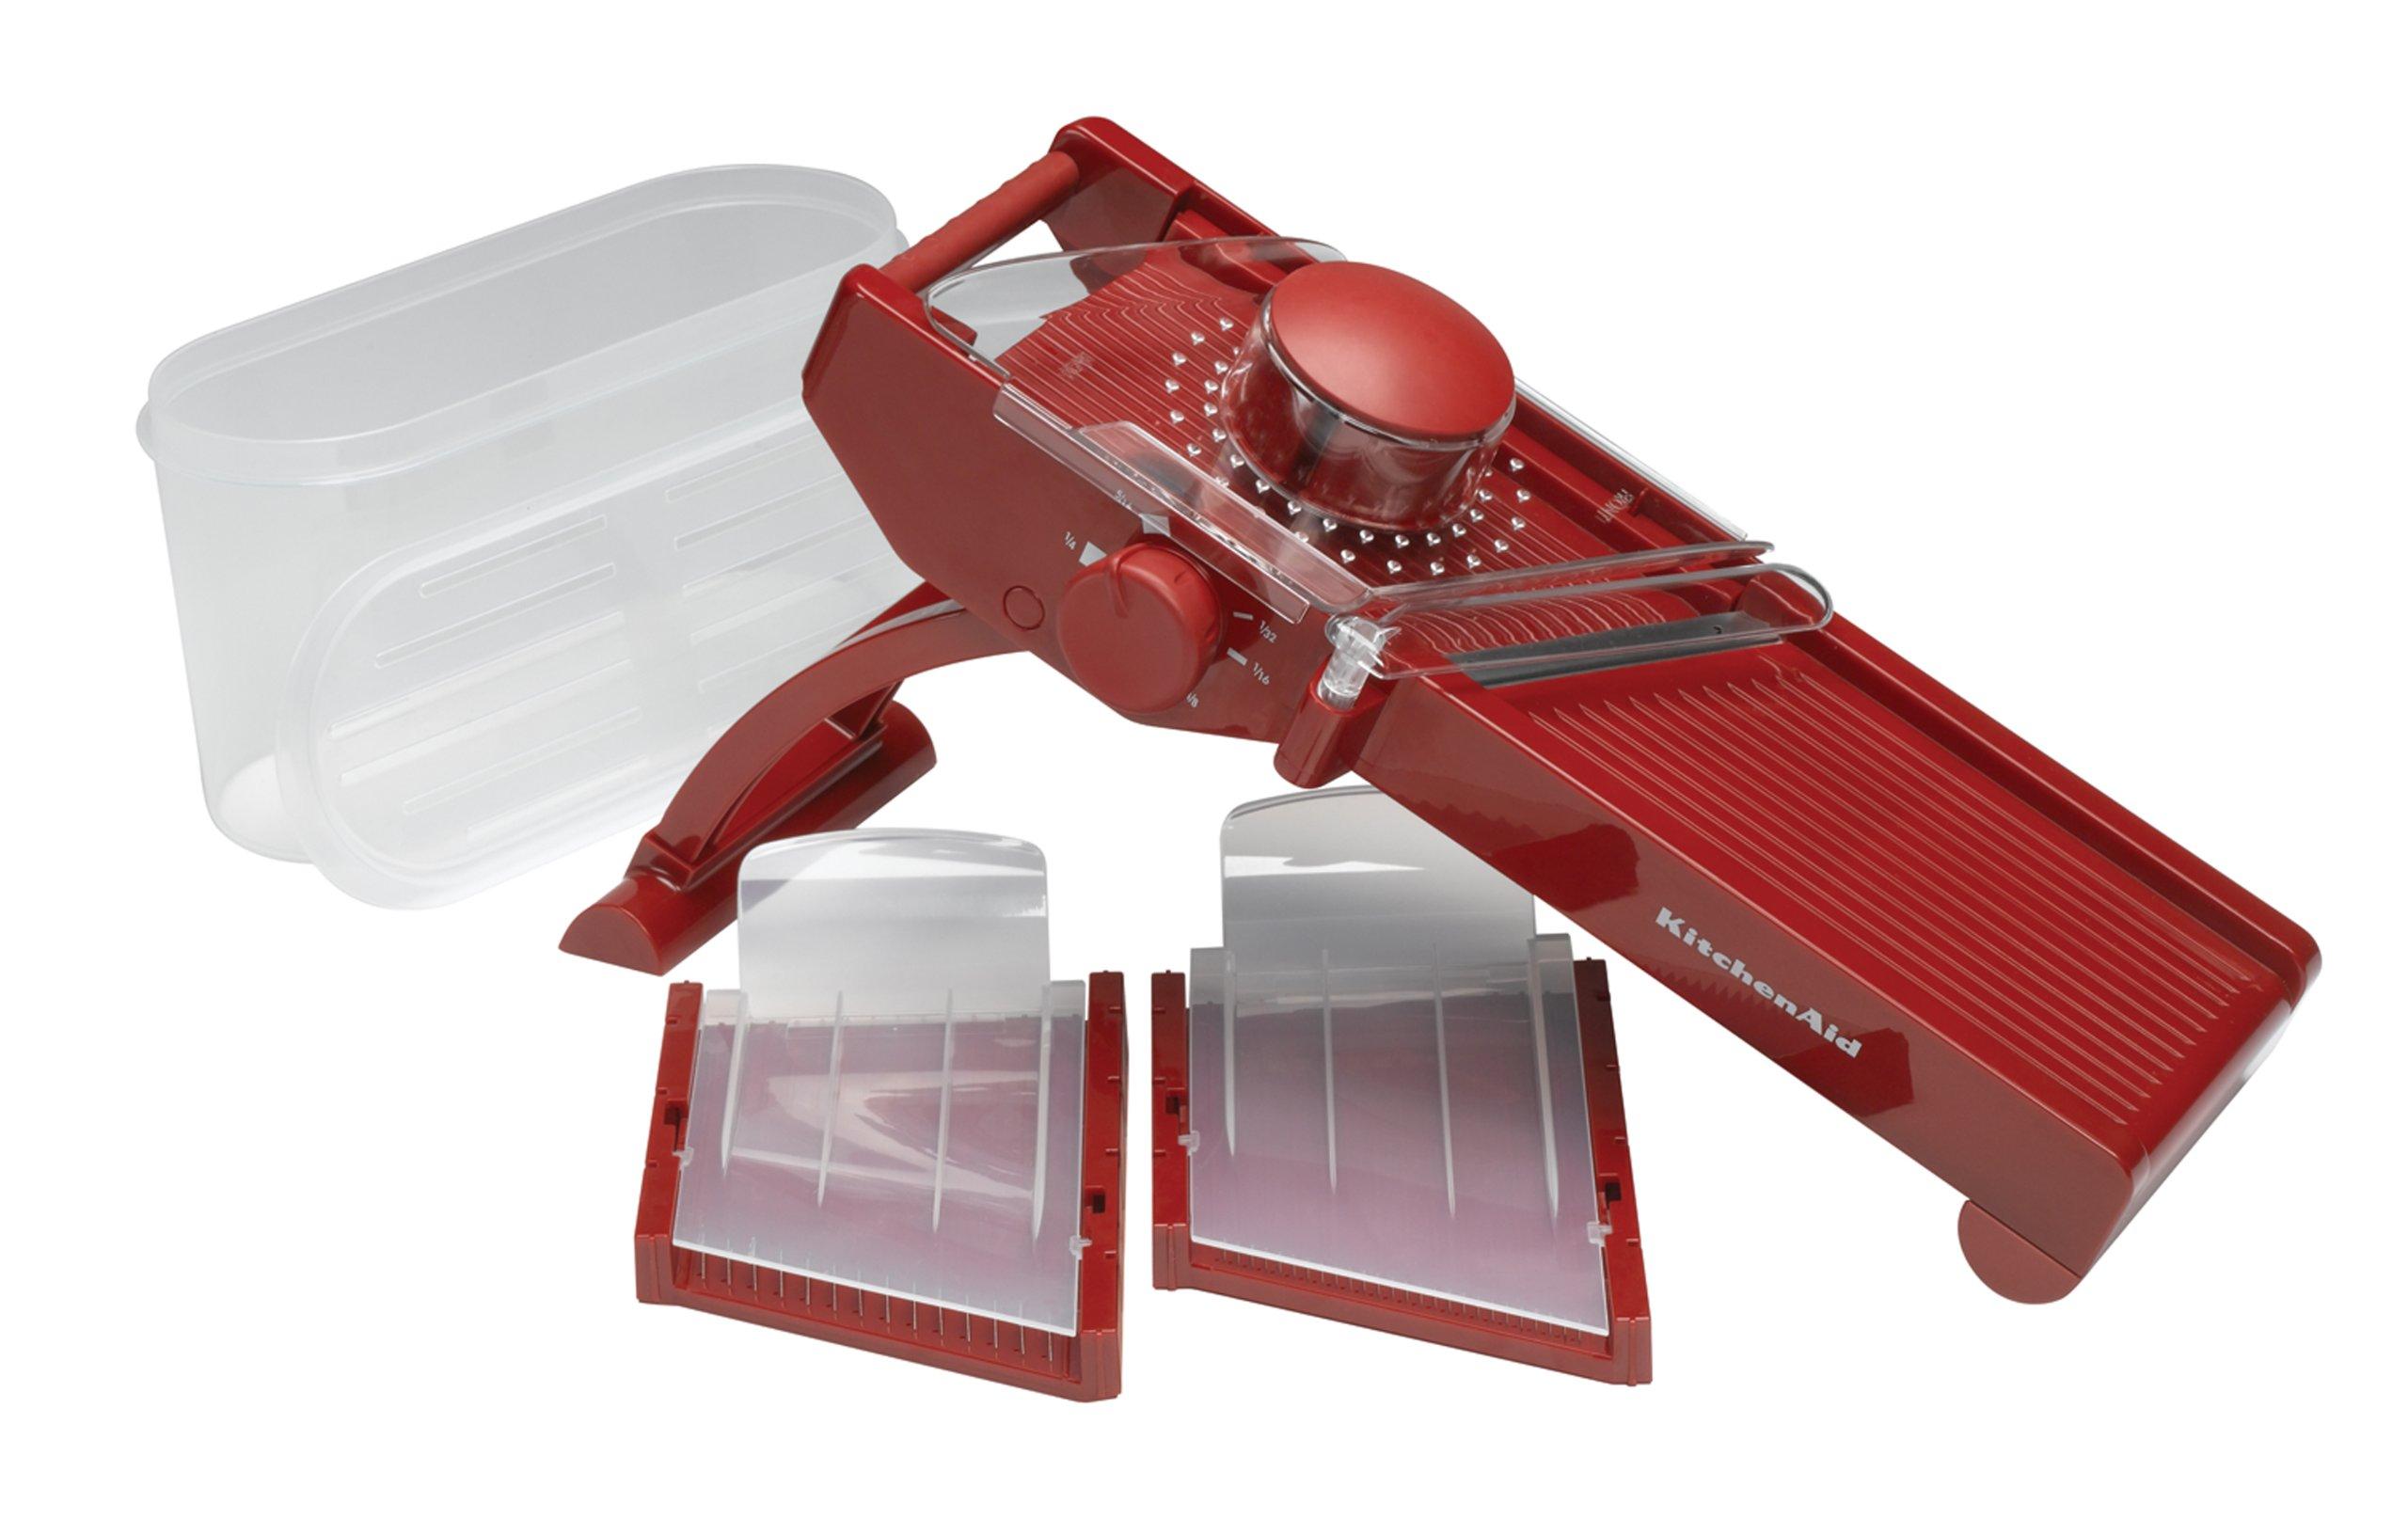 KitchenAid Mandoline Slicer, Red by KitchenAid